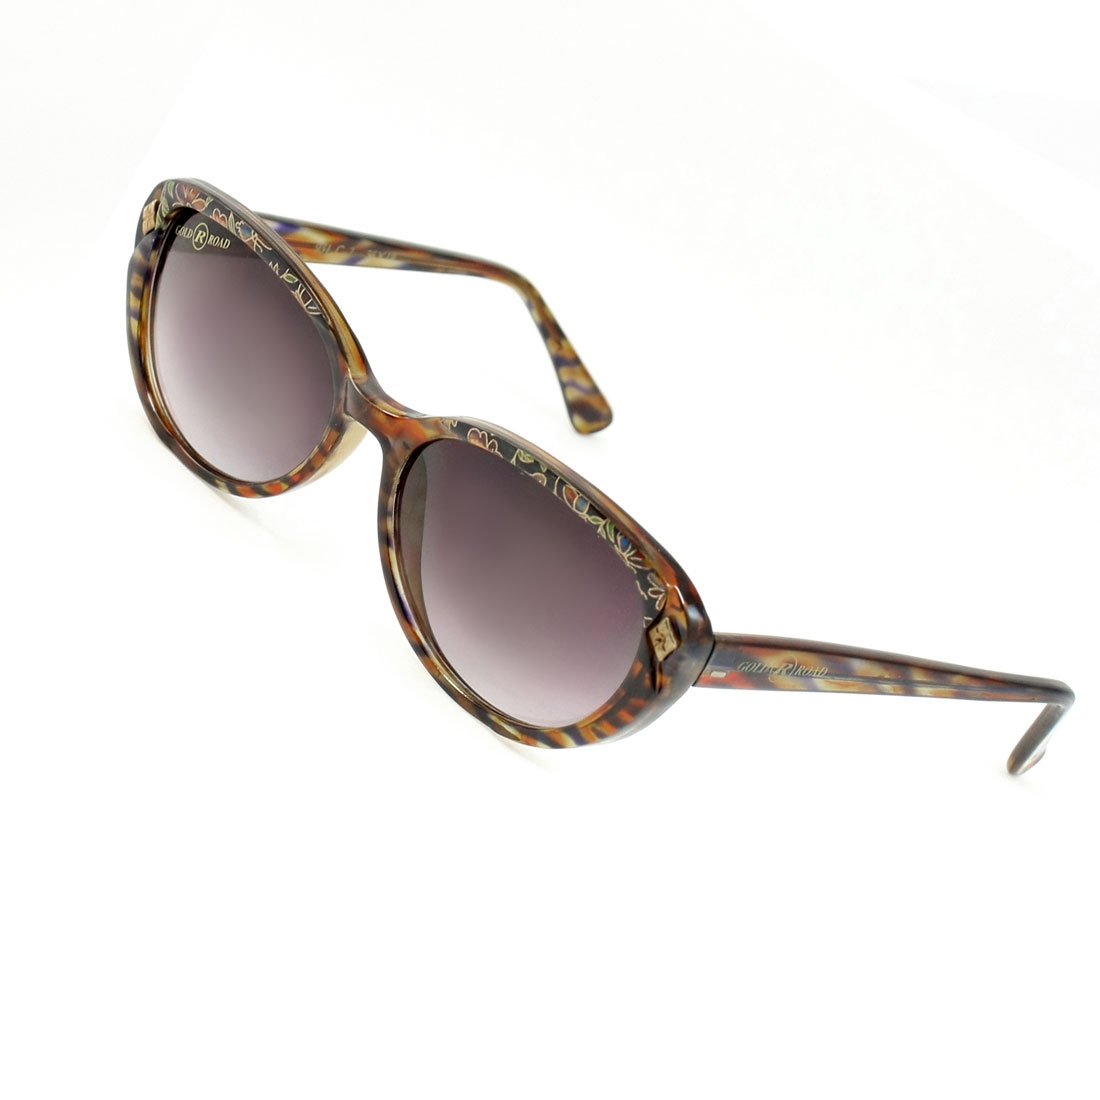 Tinted Lens Plastic Floral Print Full Frame Sunglasses Eyeglasses Brown for Women